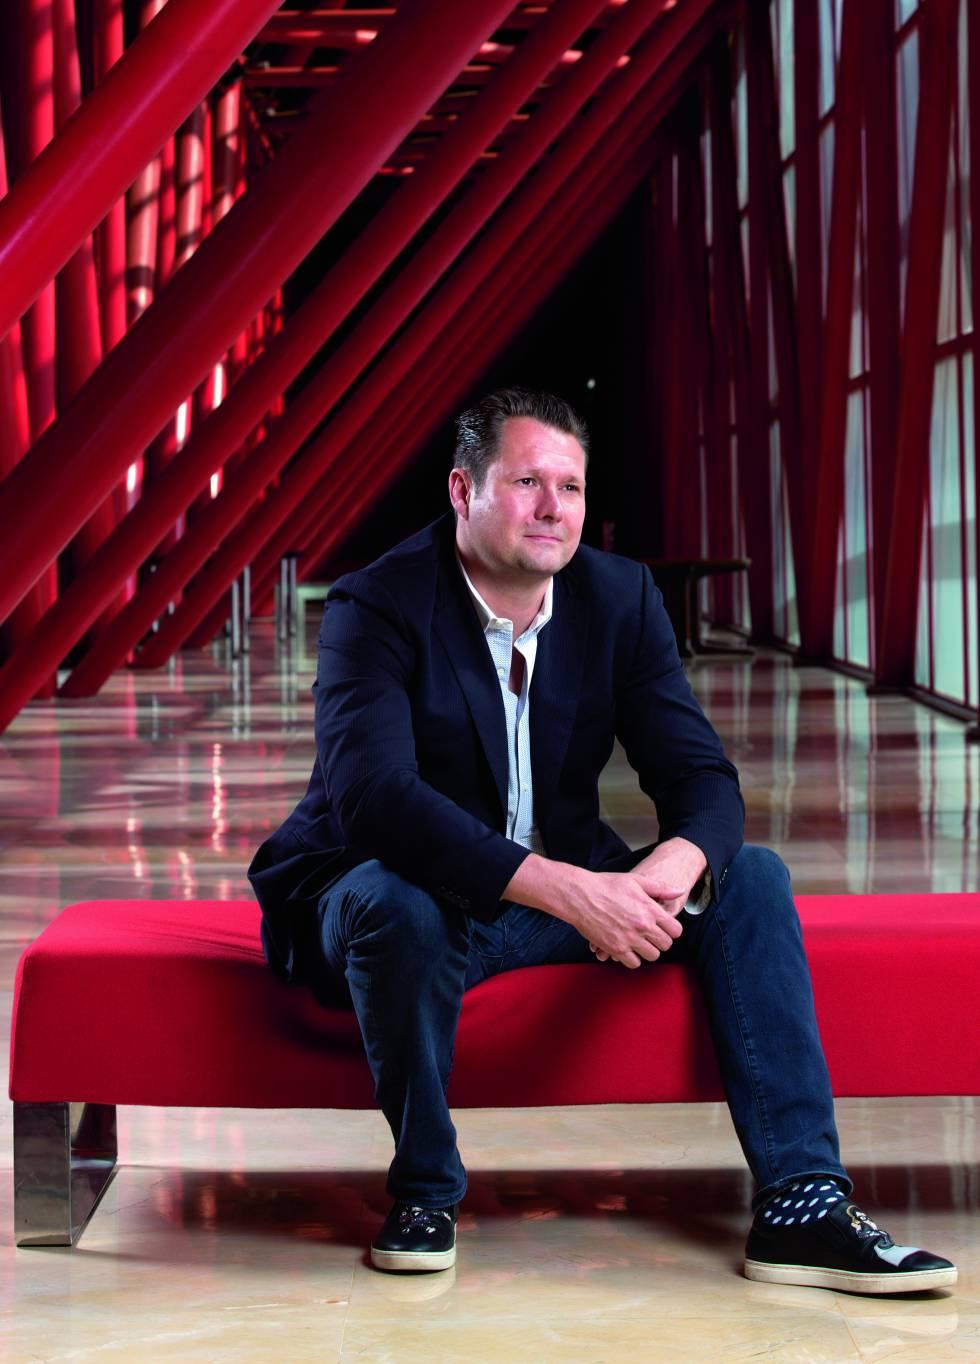 Dirk Ahlborn fundó en 2013 (y dirige desde entonces) Hyperloop Transportation Technologies junto a Bibop G. Gresta. Antes de esto, también creó y dirigió la plataforma de crowdfunding Jumpstarter.